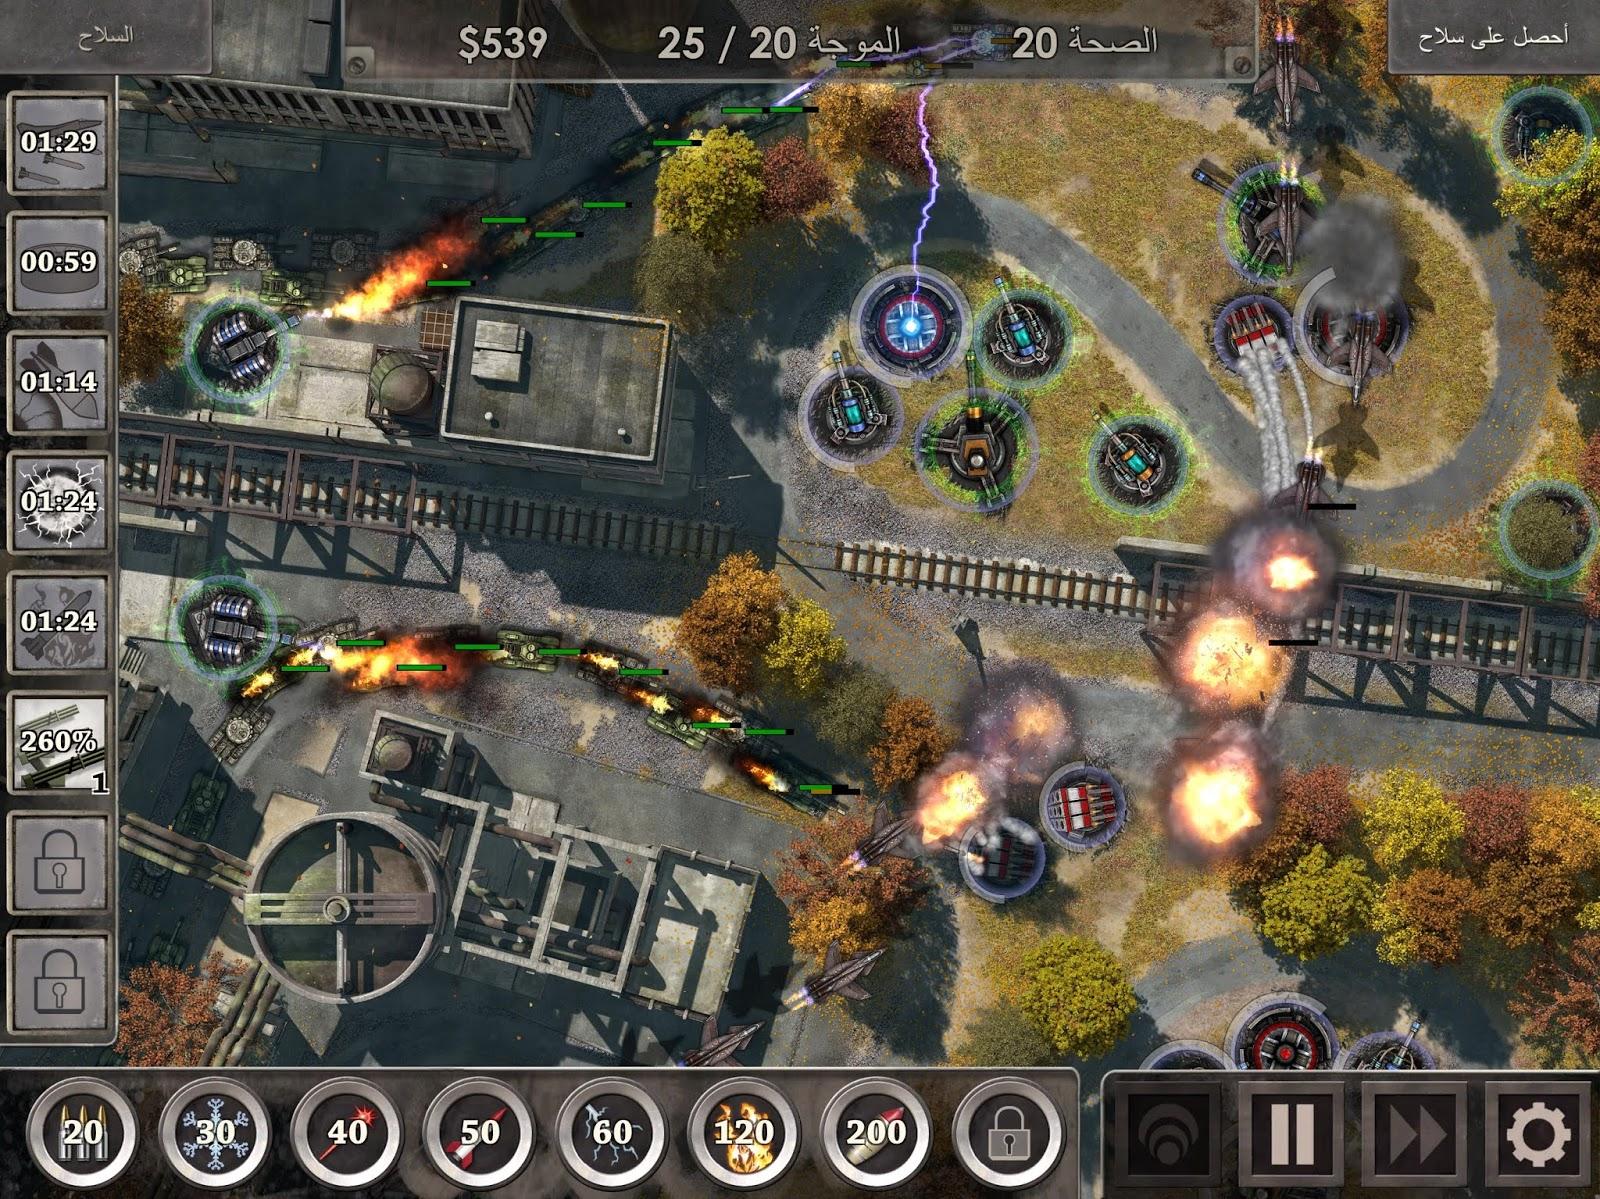 تحميل لعبة defense zone 3 hd كاملة للكمبيوتر